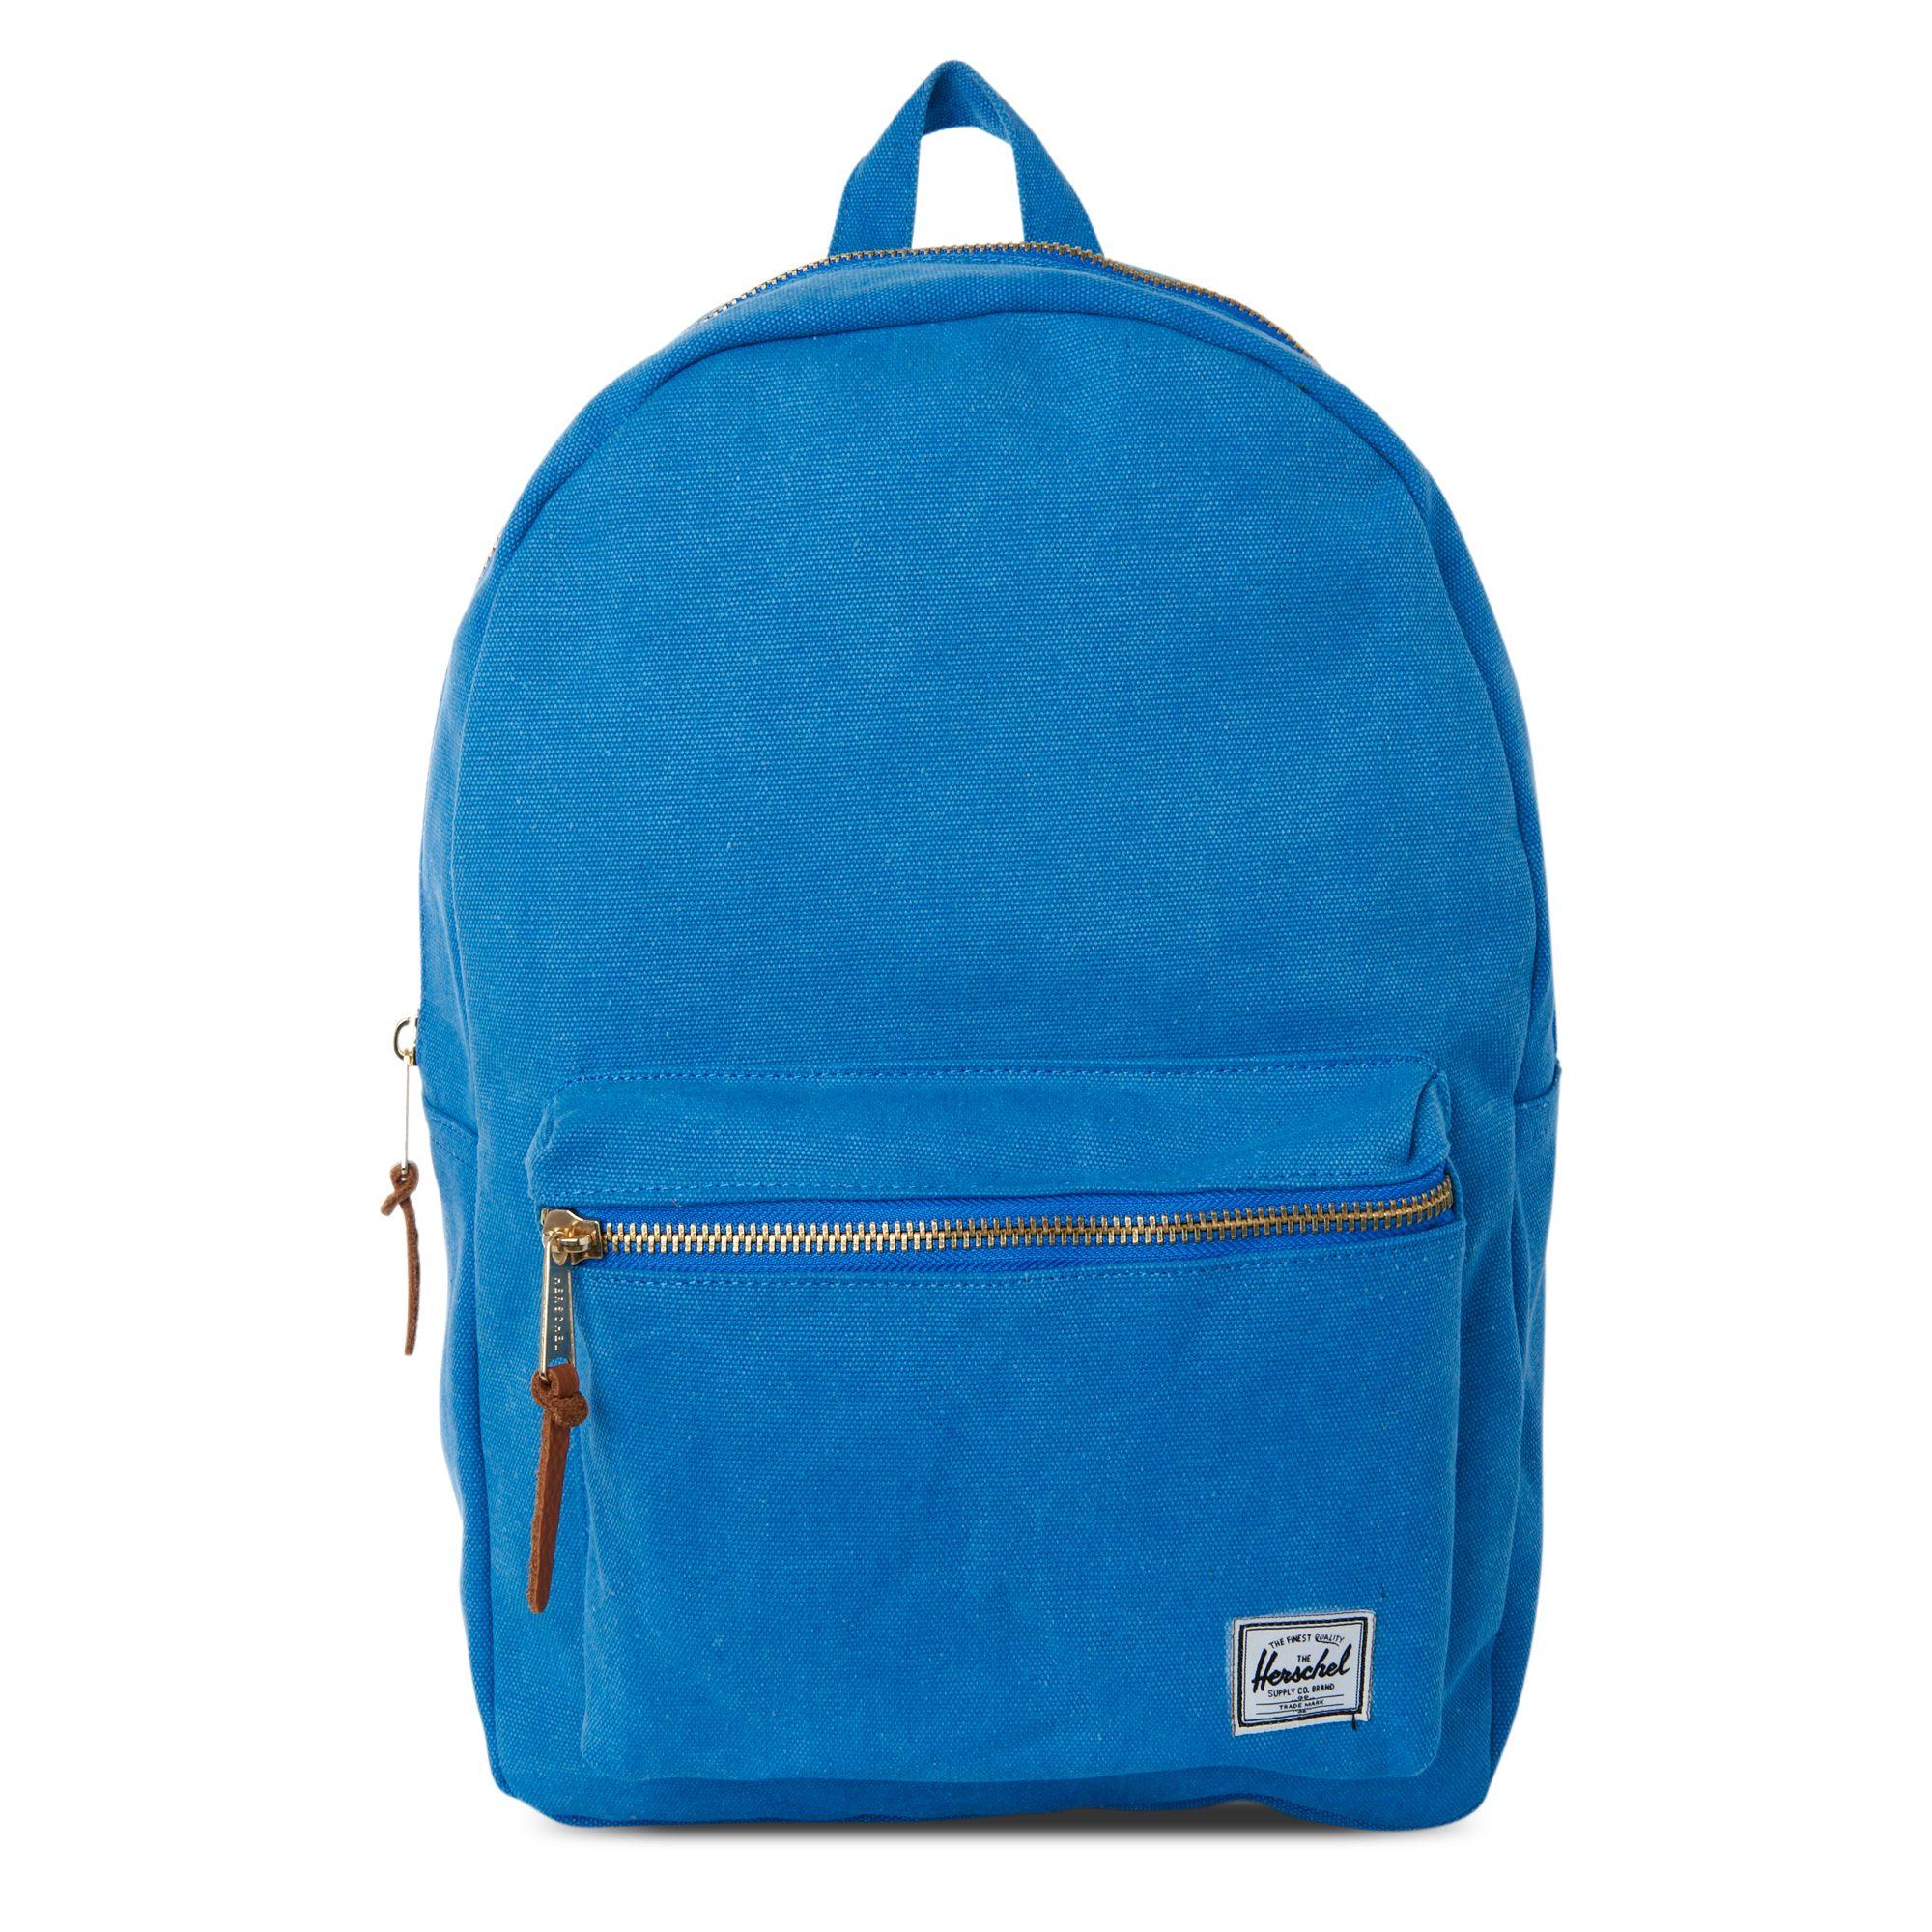 Herschel Supply Co Settlement Backpack: Herschel Supply Co. Settlement Canvas Backpack In Blue For